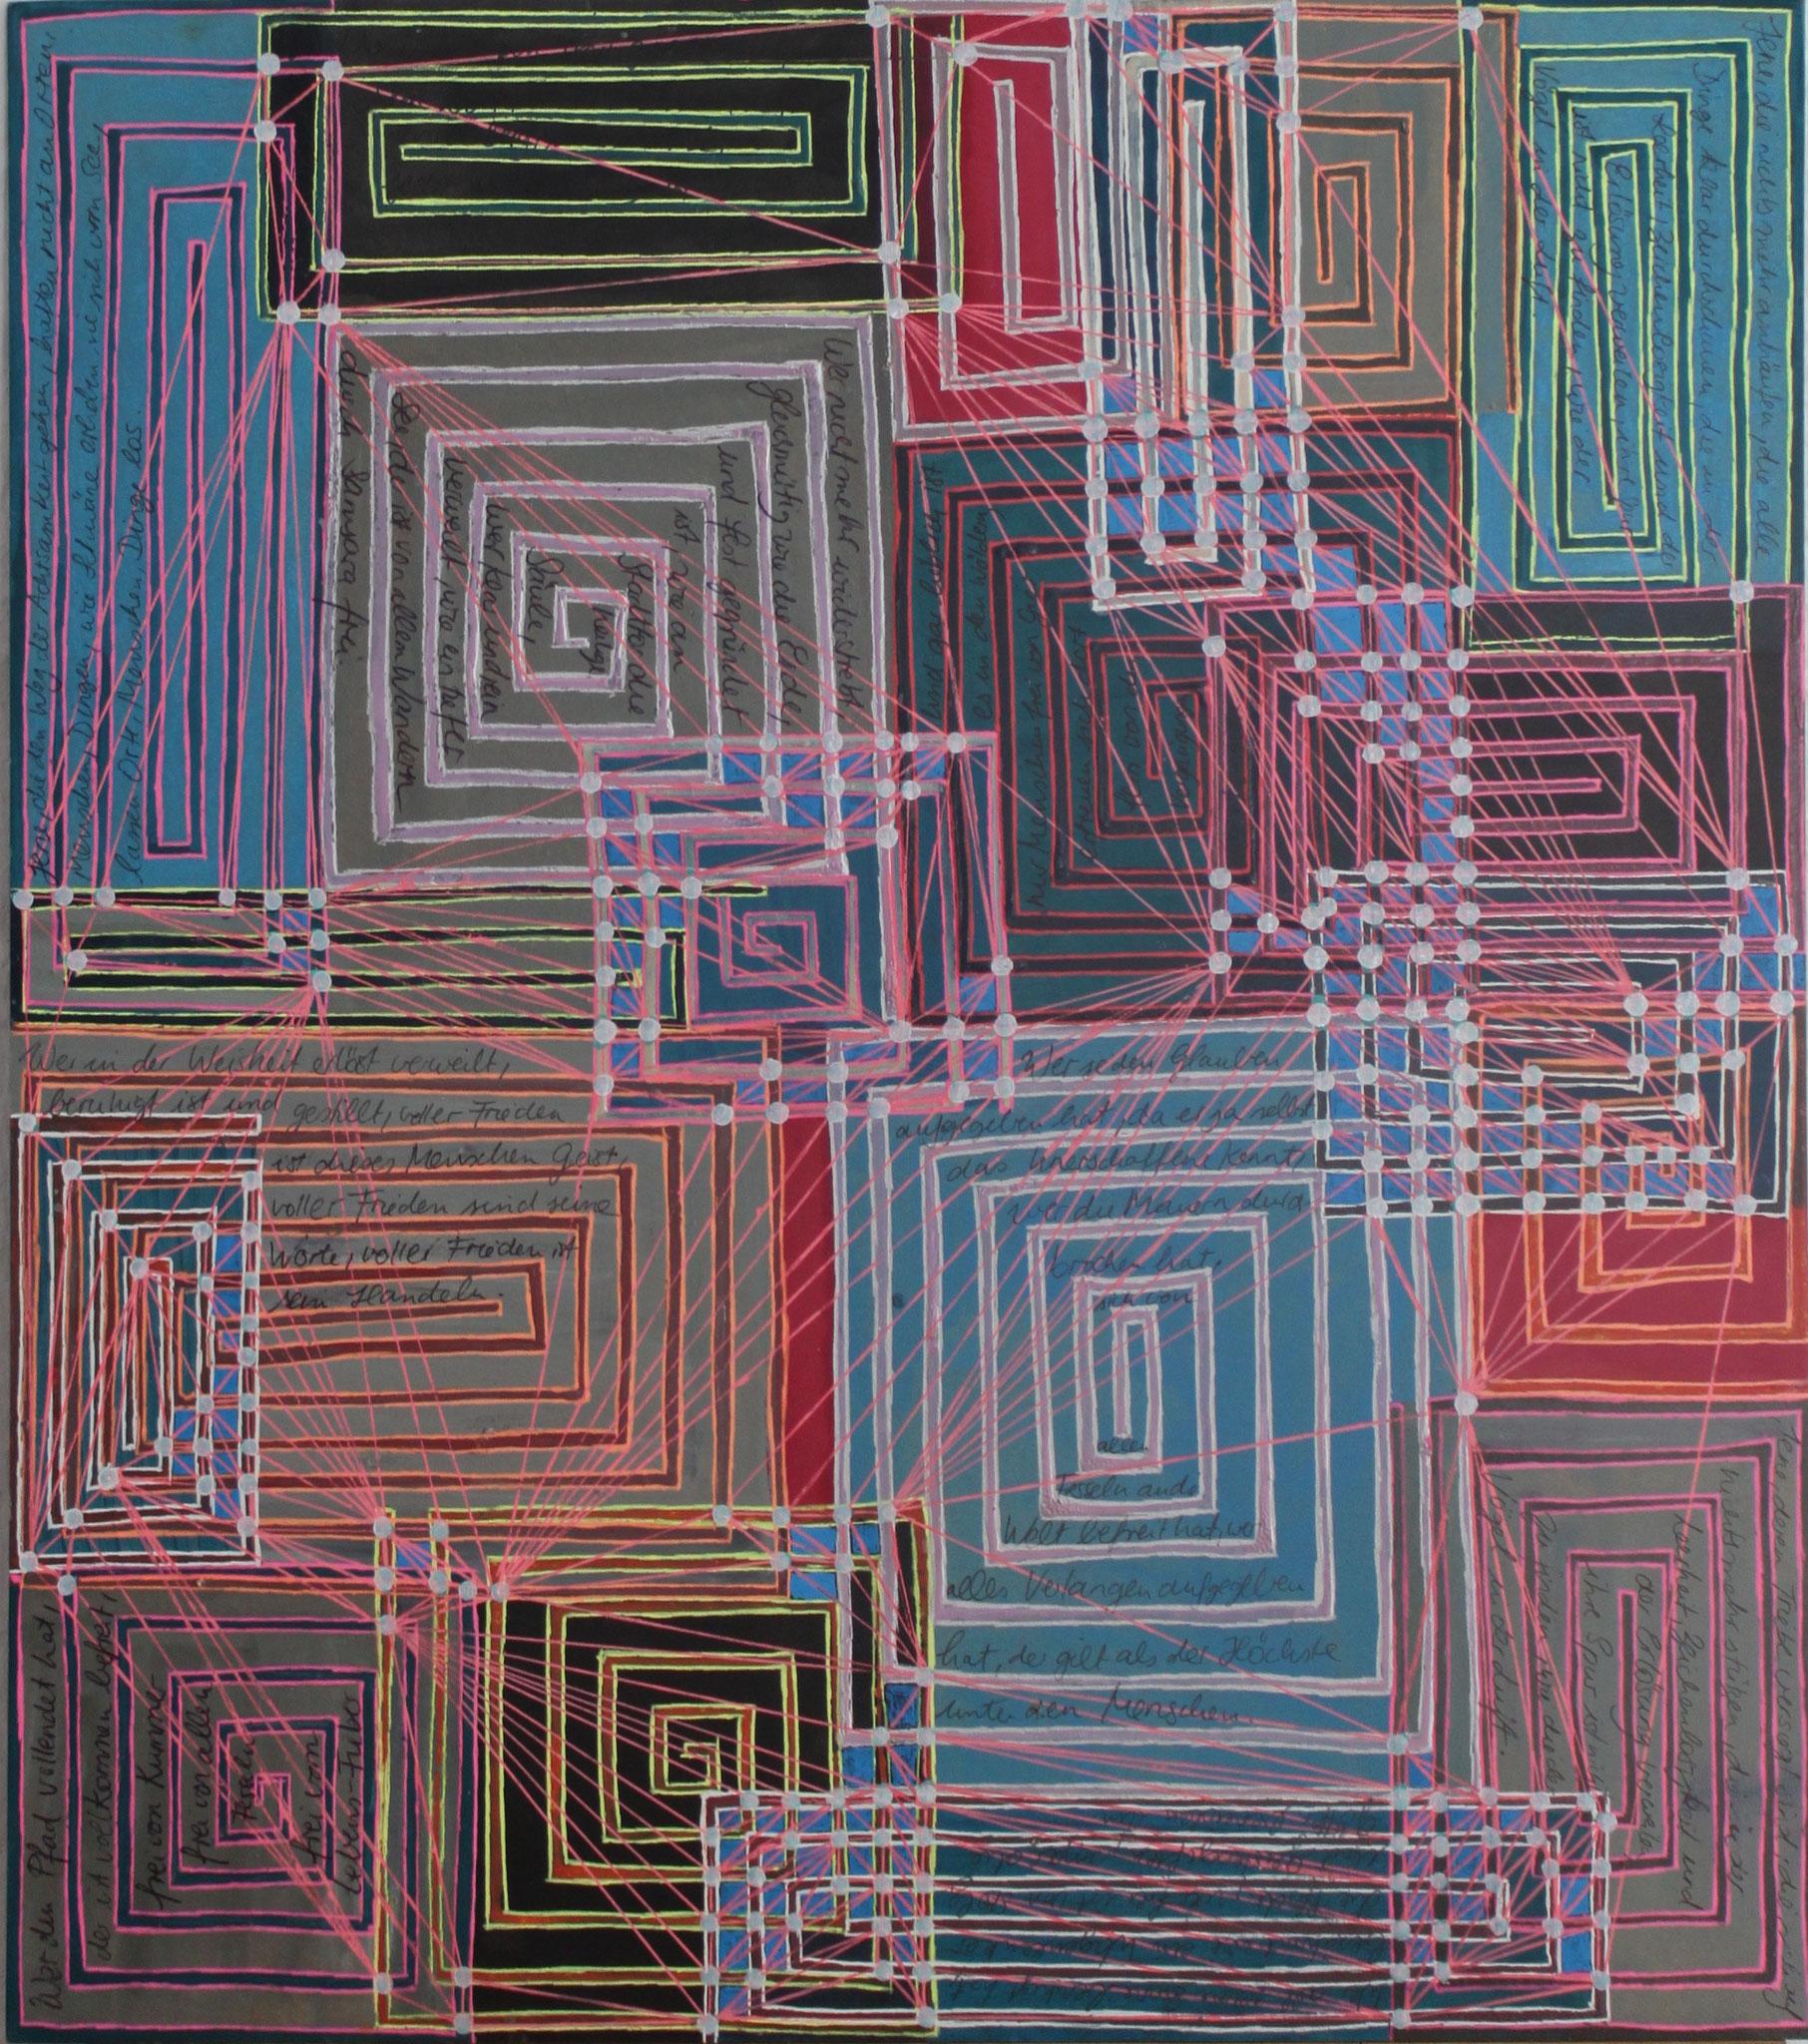 Sakura 7 - Der Heilige; Mischtechnik auf Karton; 42 cm x 37 cm; 2018